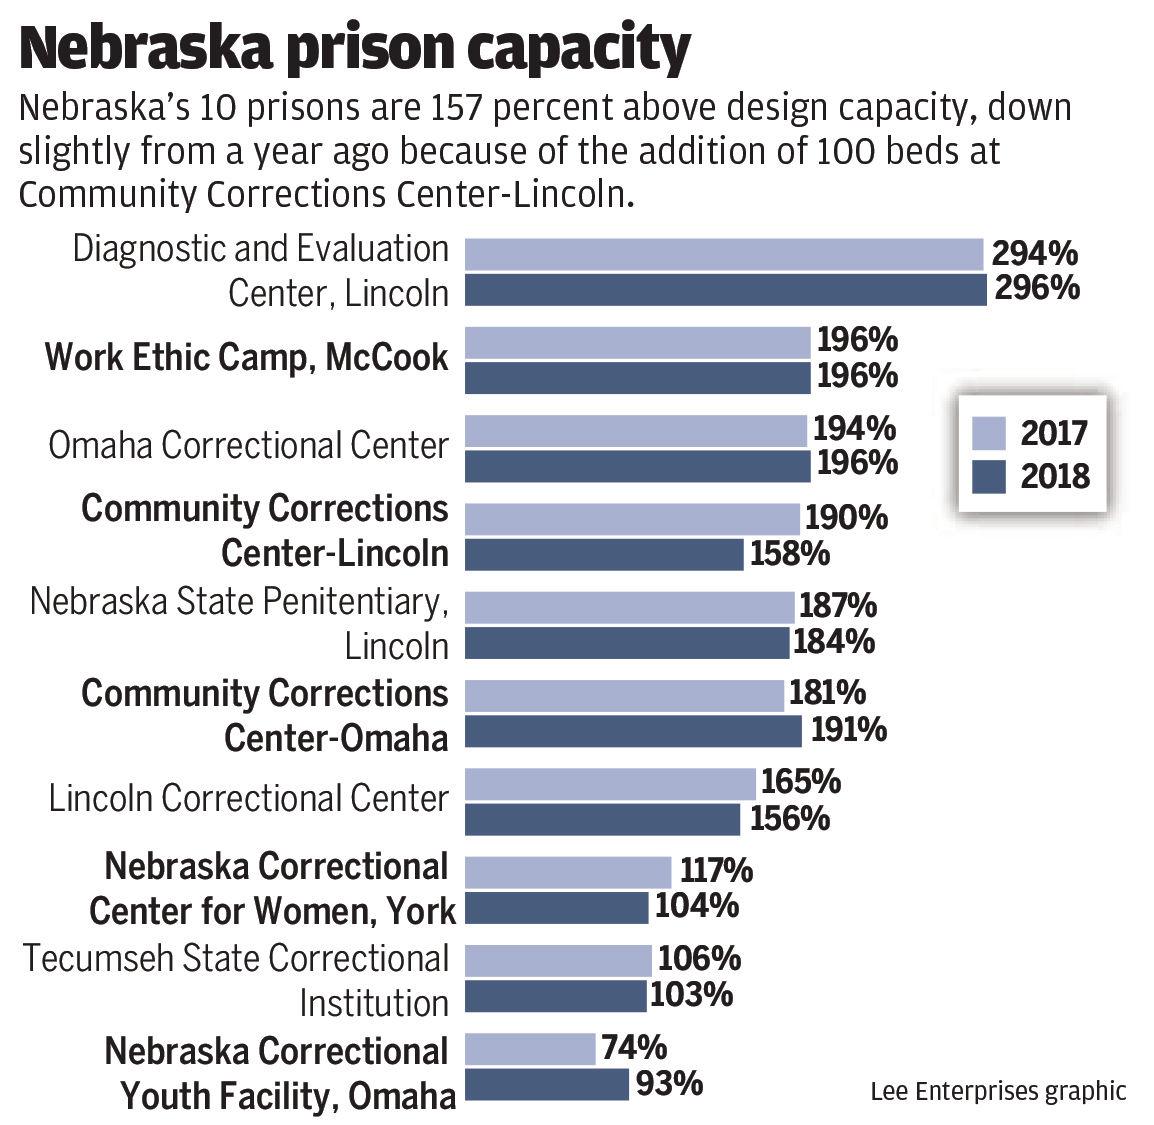 Nebraska prison capacity